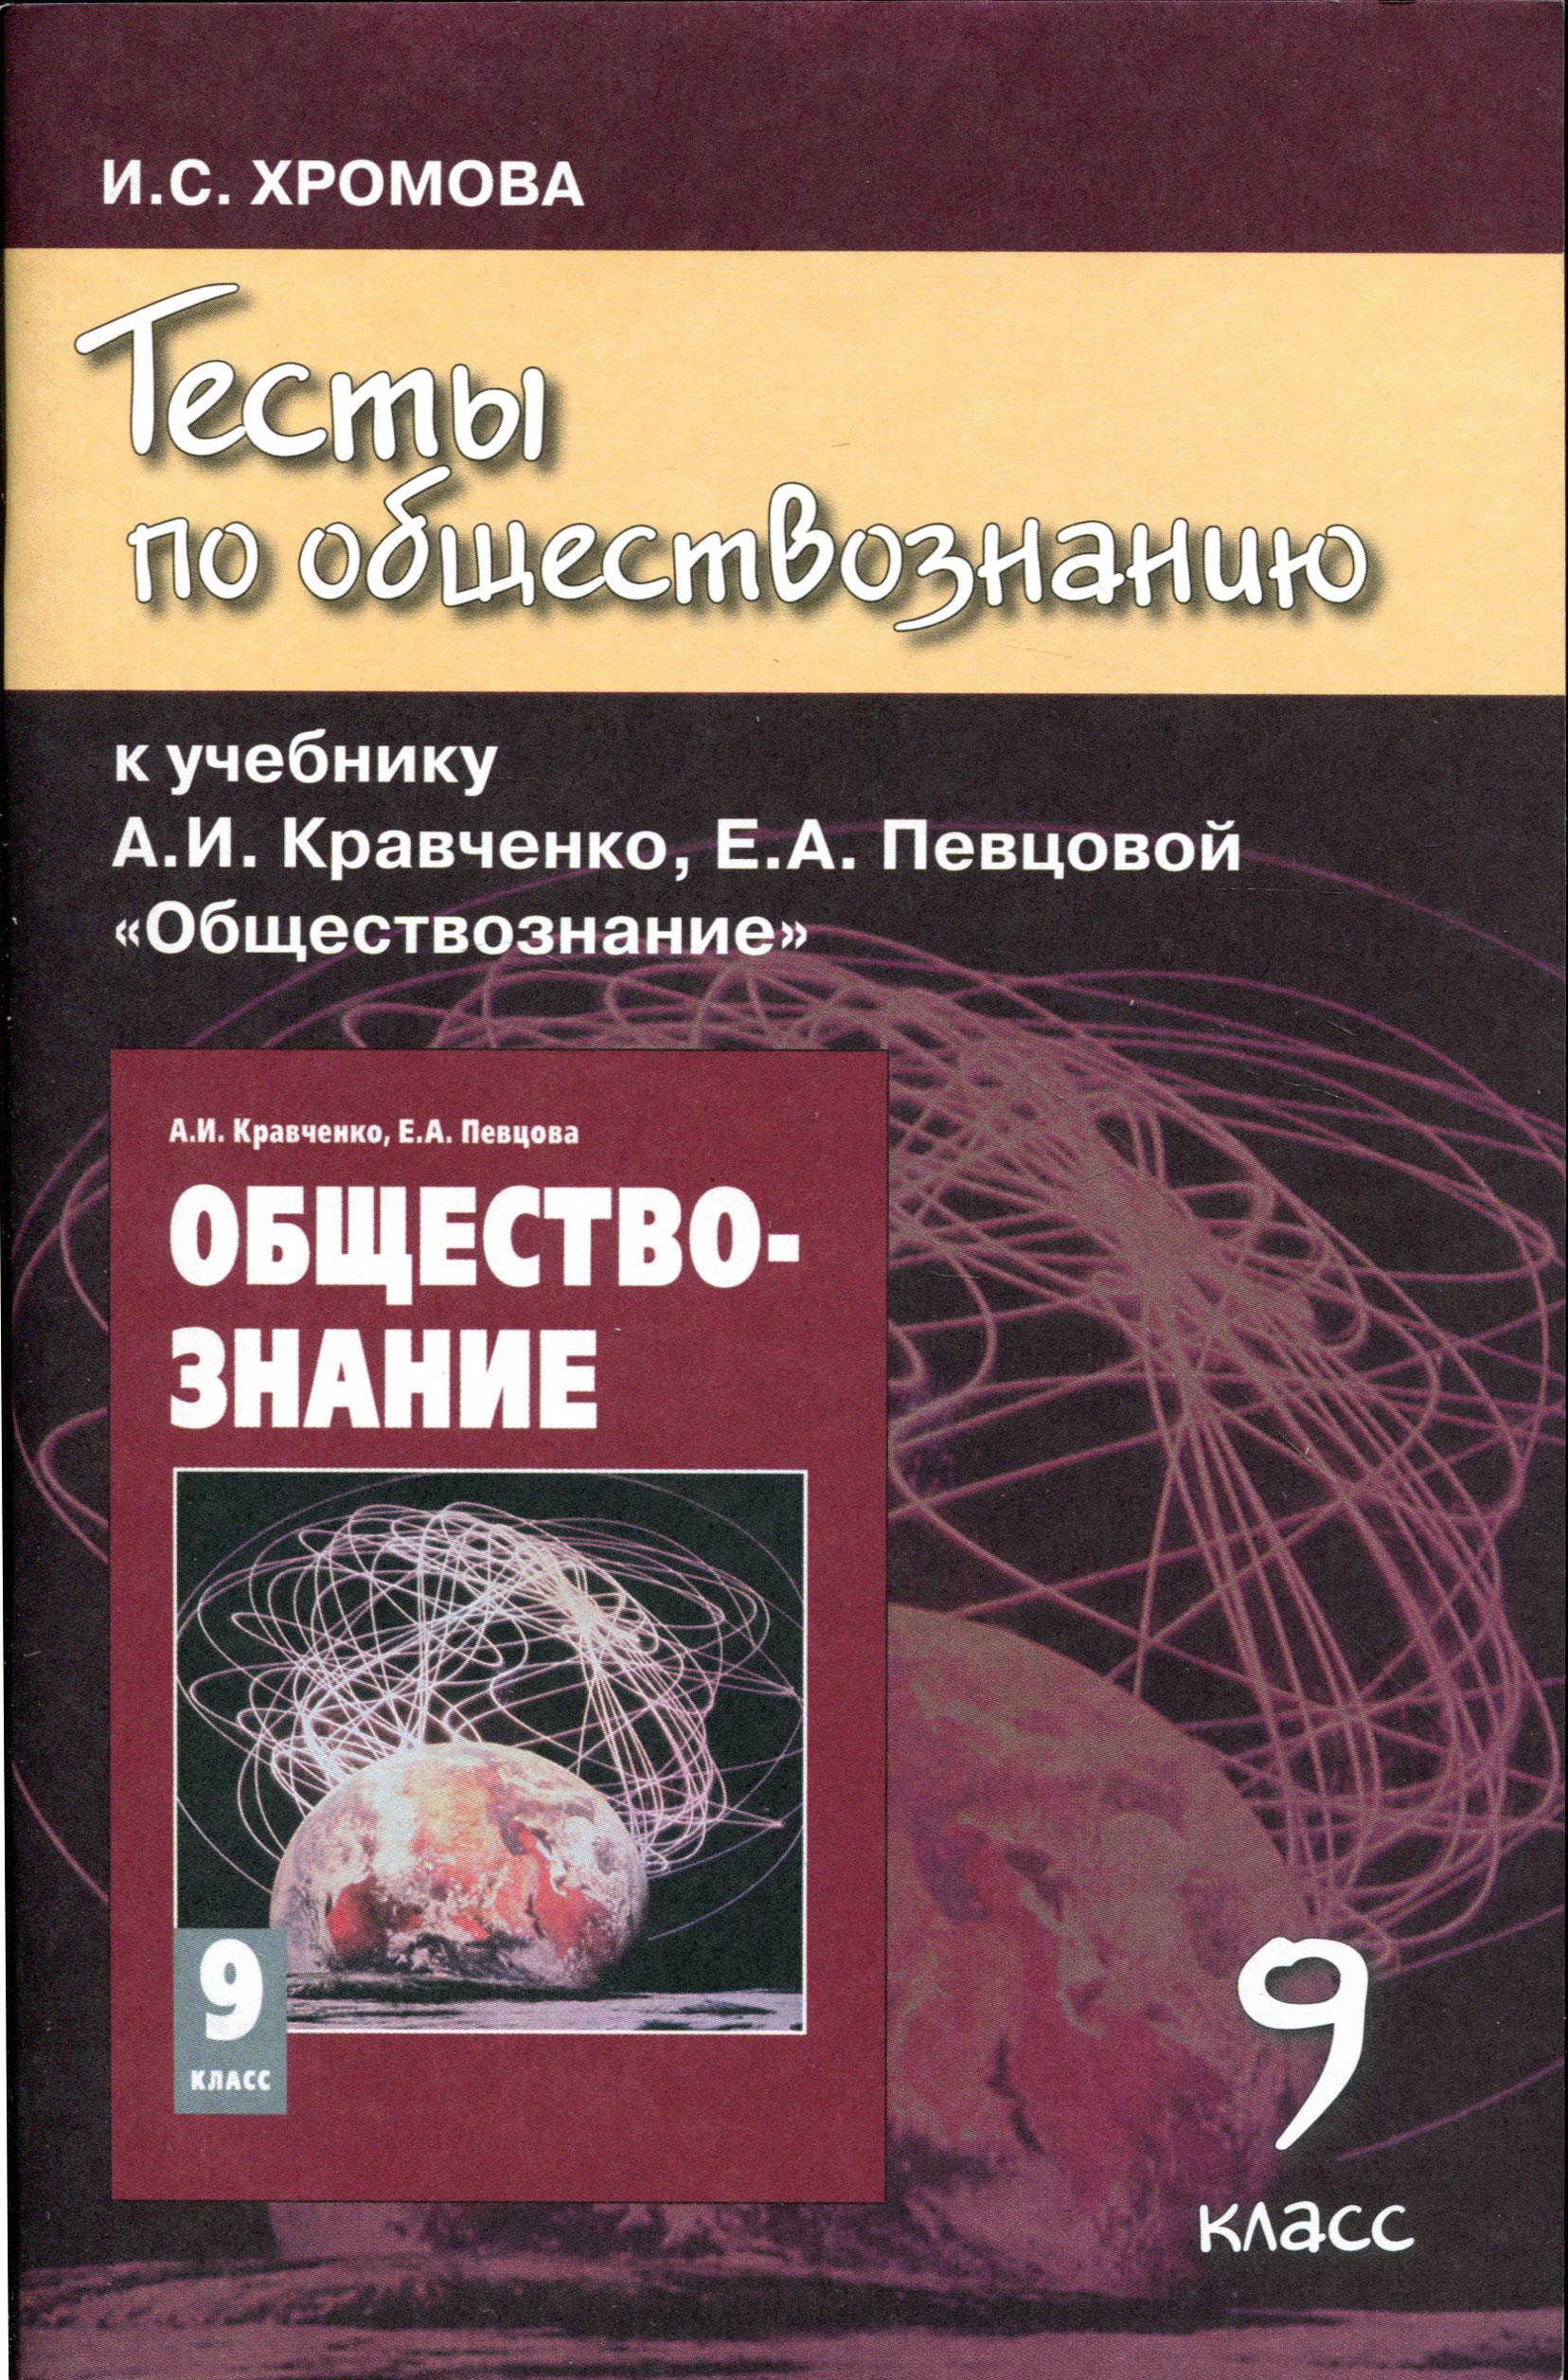 Обществознание. 9 класс. Тесты. К учебнику А. И. Кравченко, Е. А. Певцовой